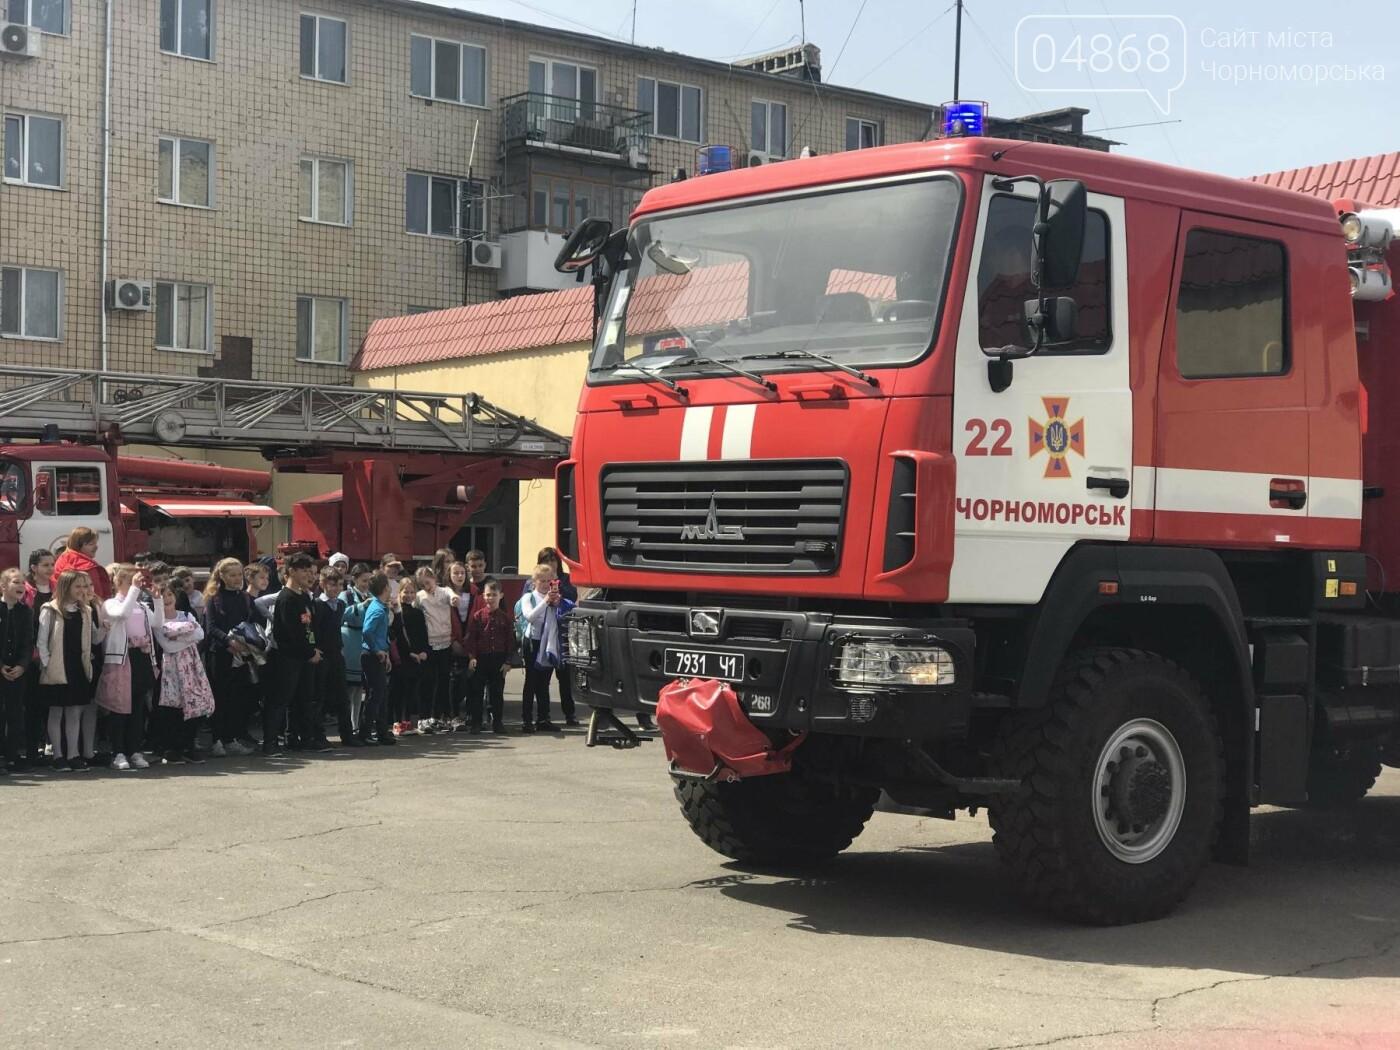 """Черноморские спасатели провели общественную акцию """"Предотвратить. Спасти. Помочь"""" (фото), фото-3"""